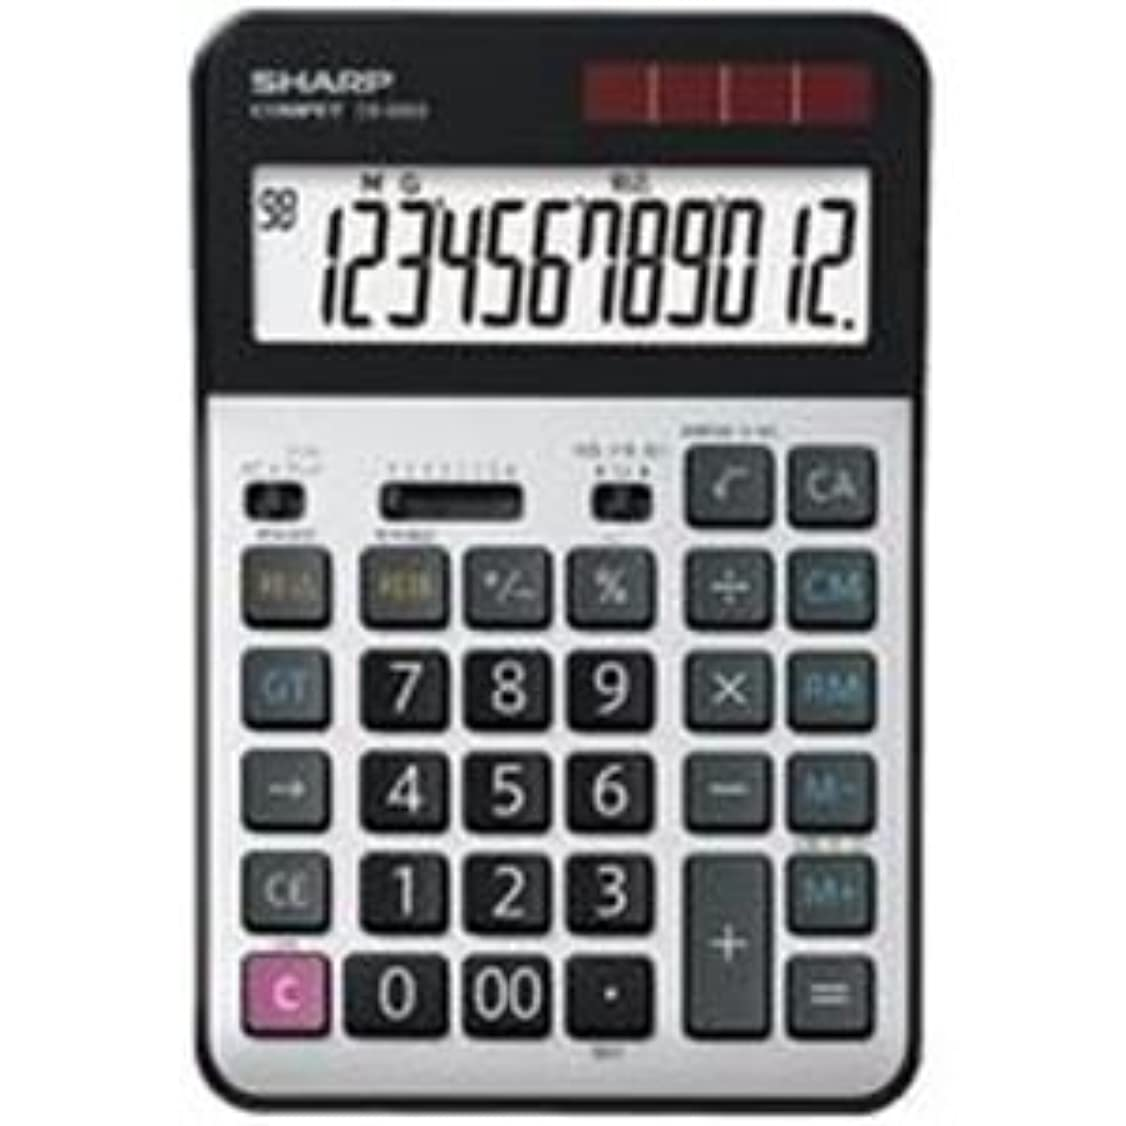 治世連続したキャプチャー(業務用5セット) シャープエレクトロニクスマーケティング 大型卓上電卓 12桁 CS-S952-X